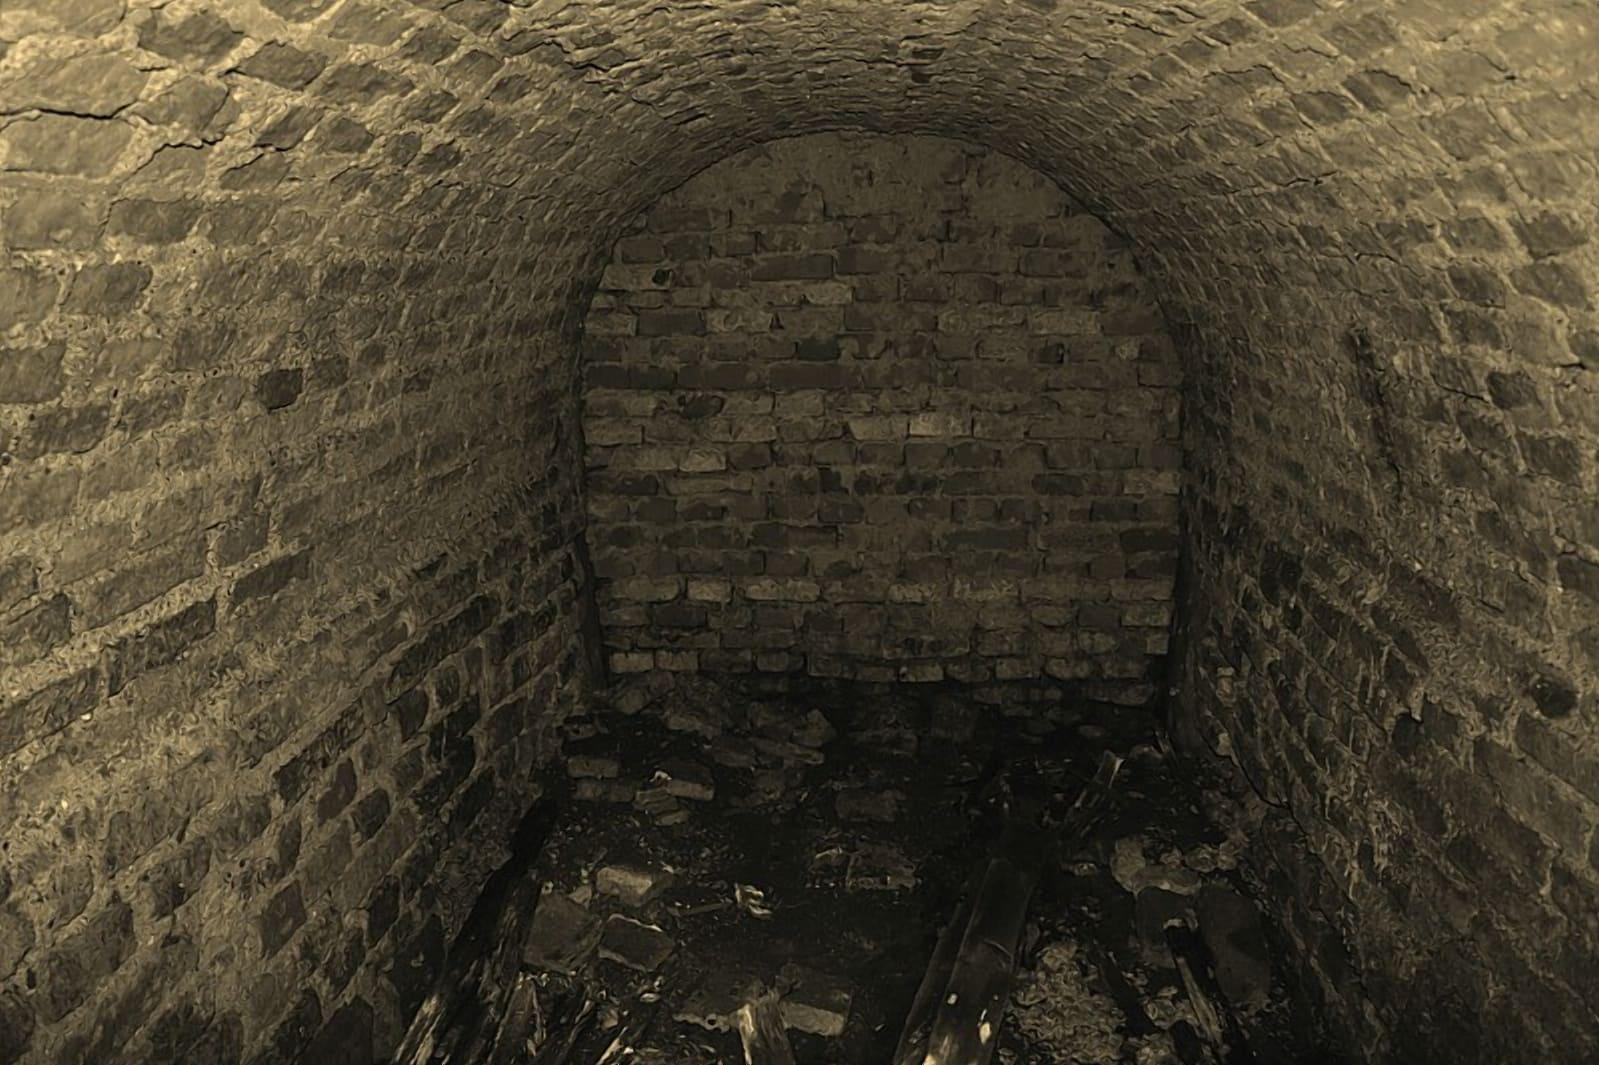 Все обнаруженные подземные коммуникации сейчас перекрыты